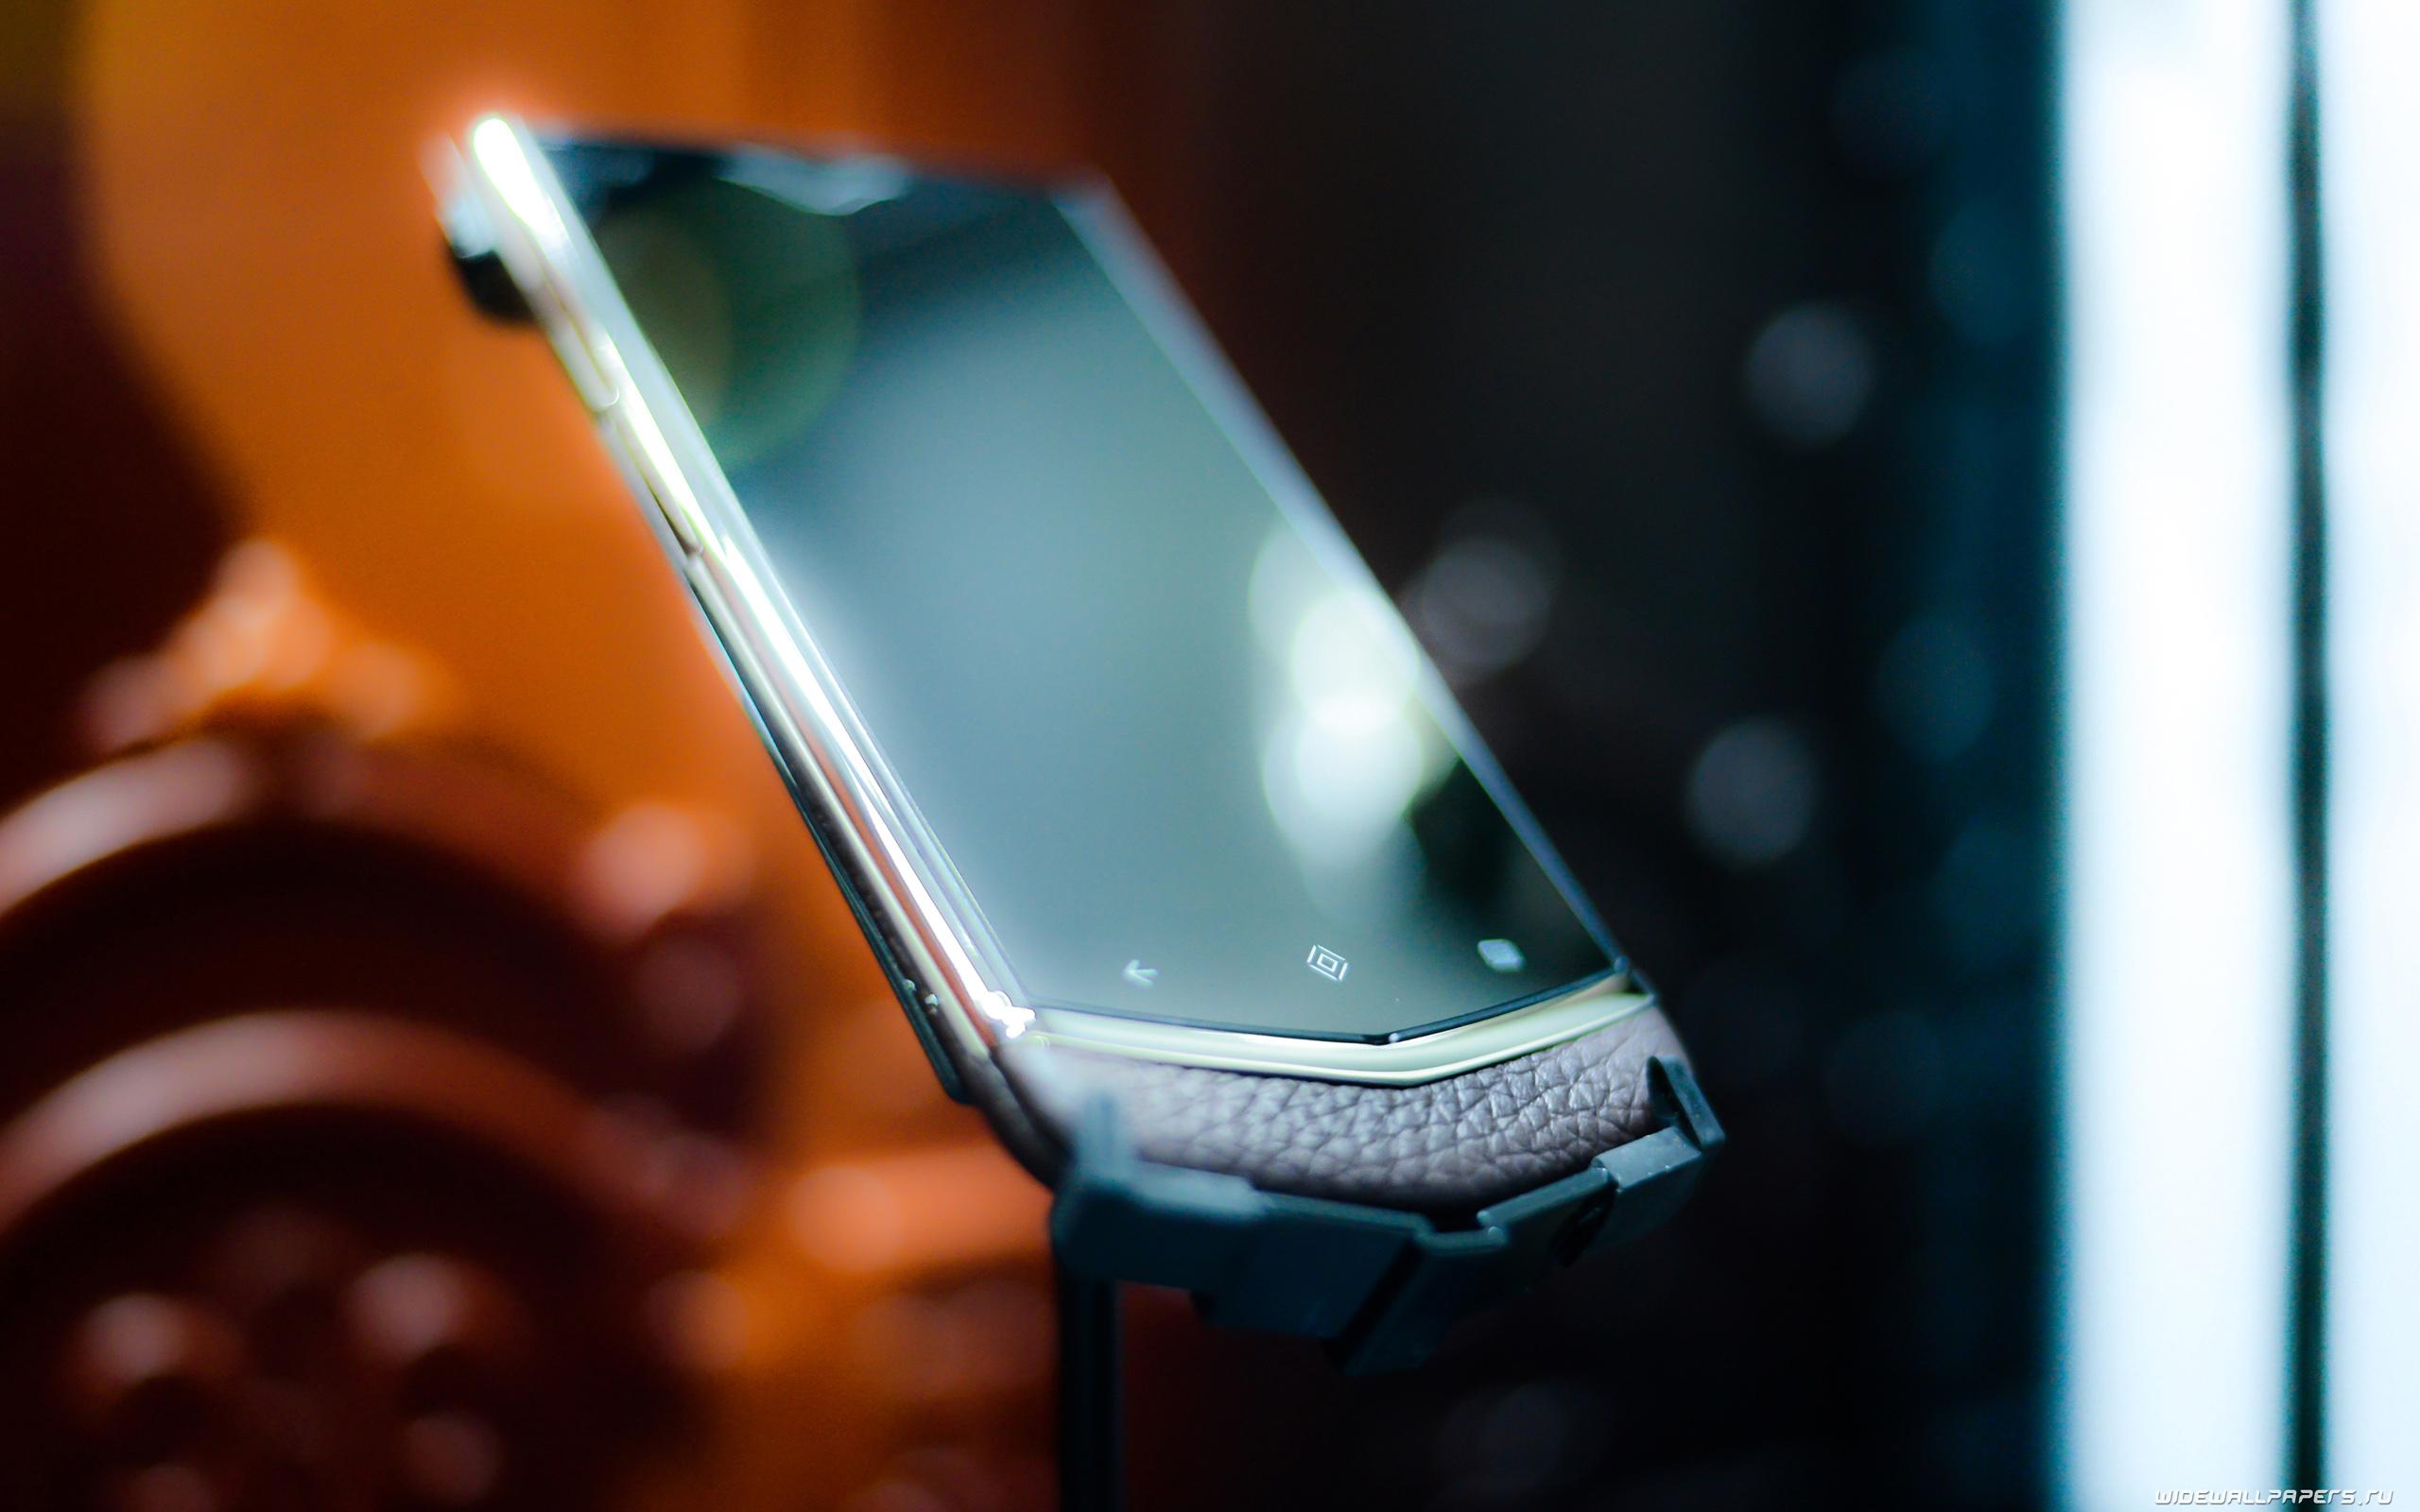 4k phone wallpaper wallpapersafari - 4k love wallpaper for mobile ...